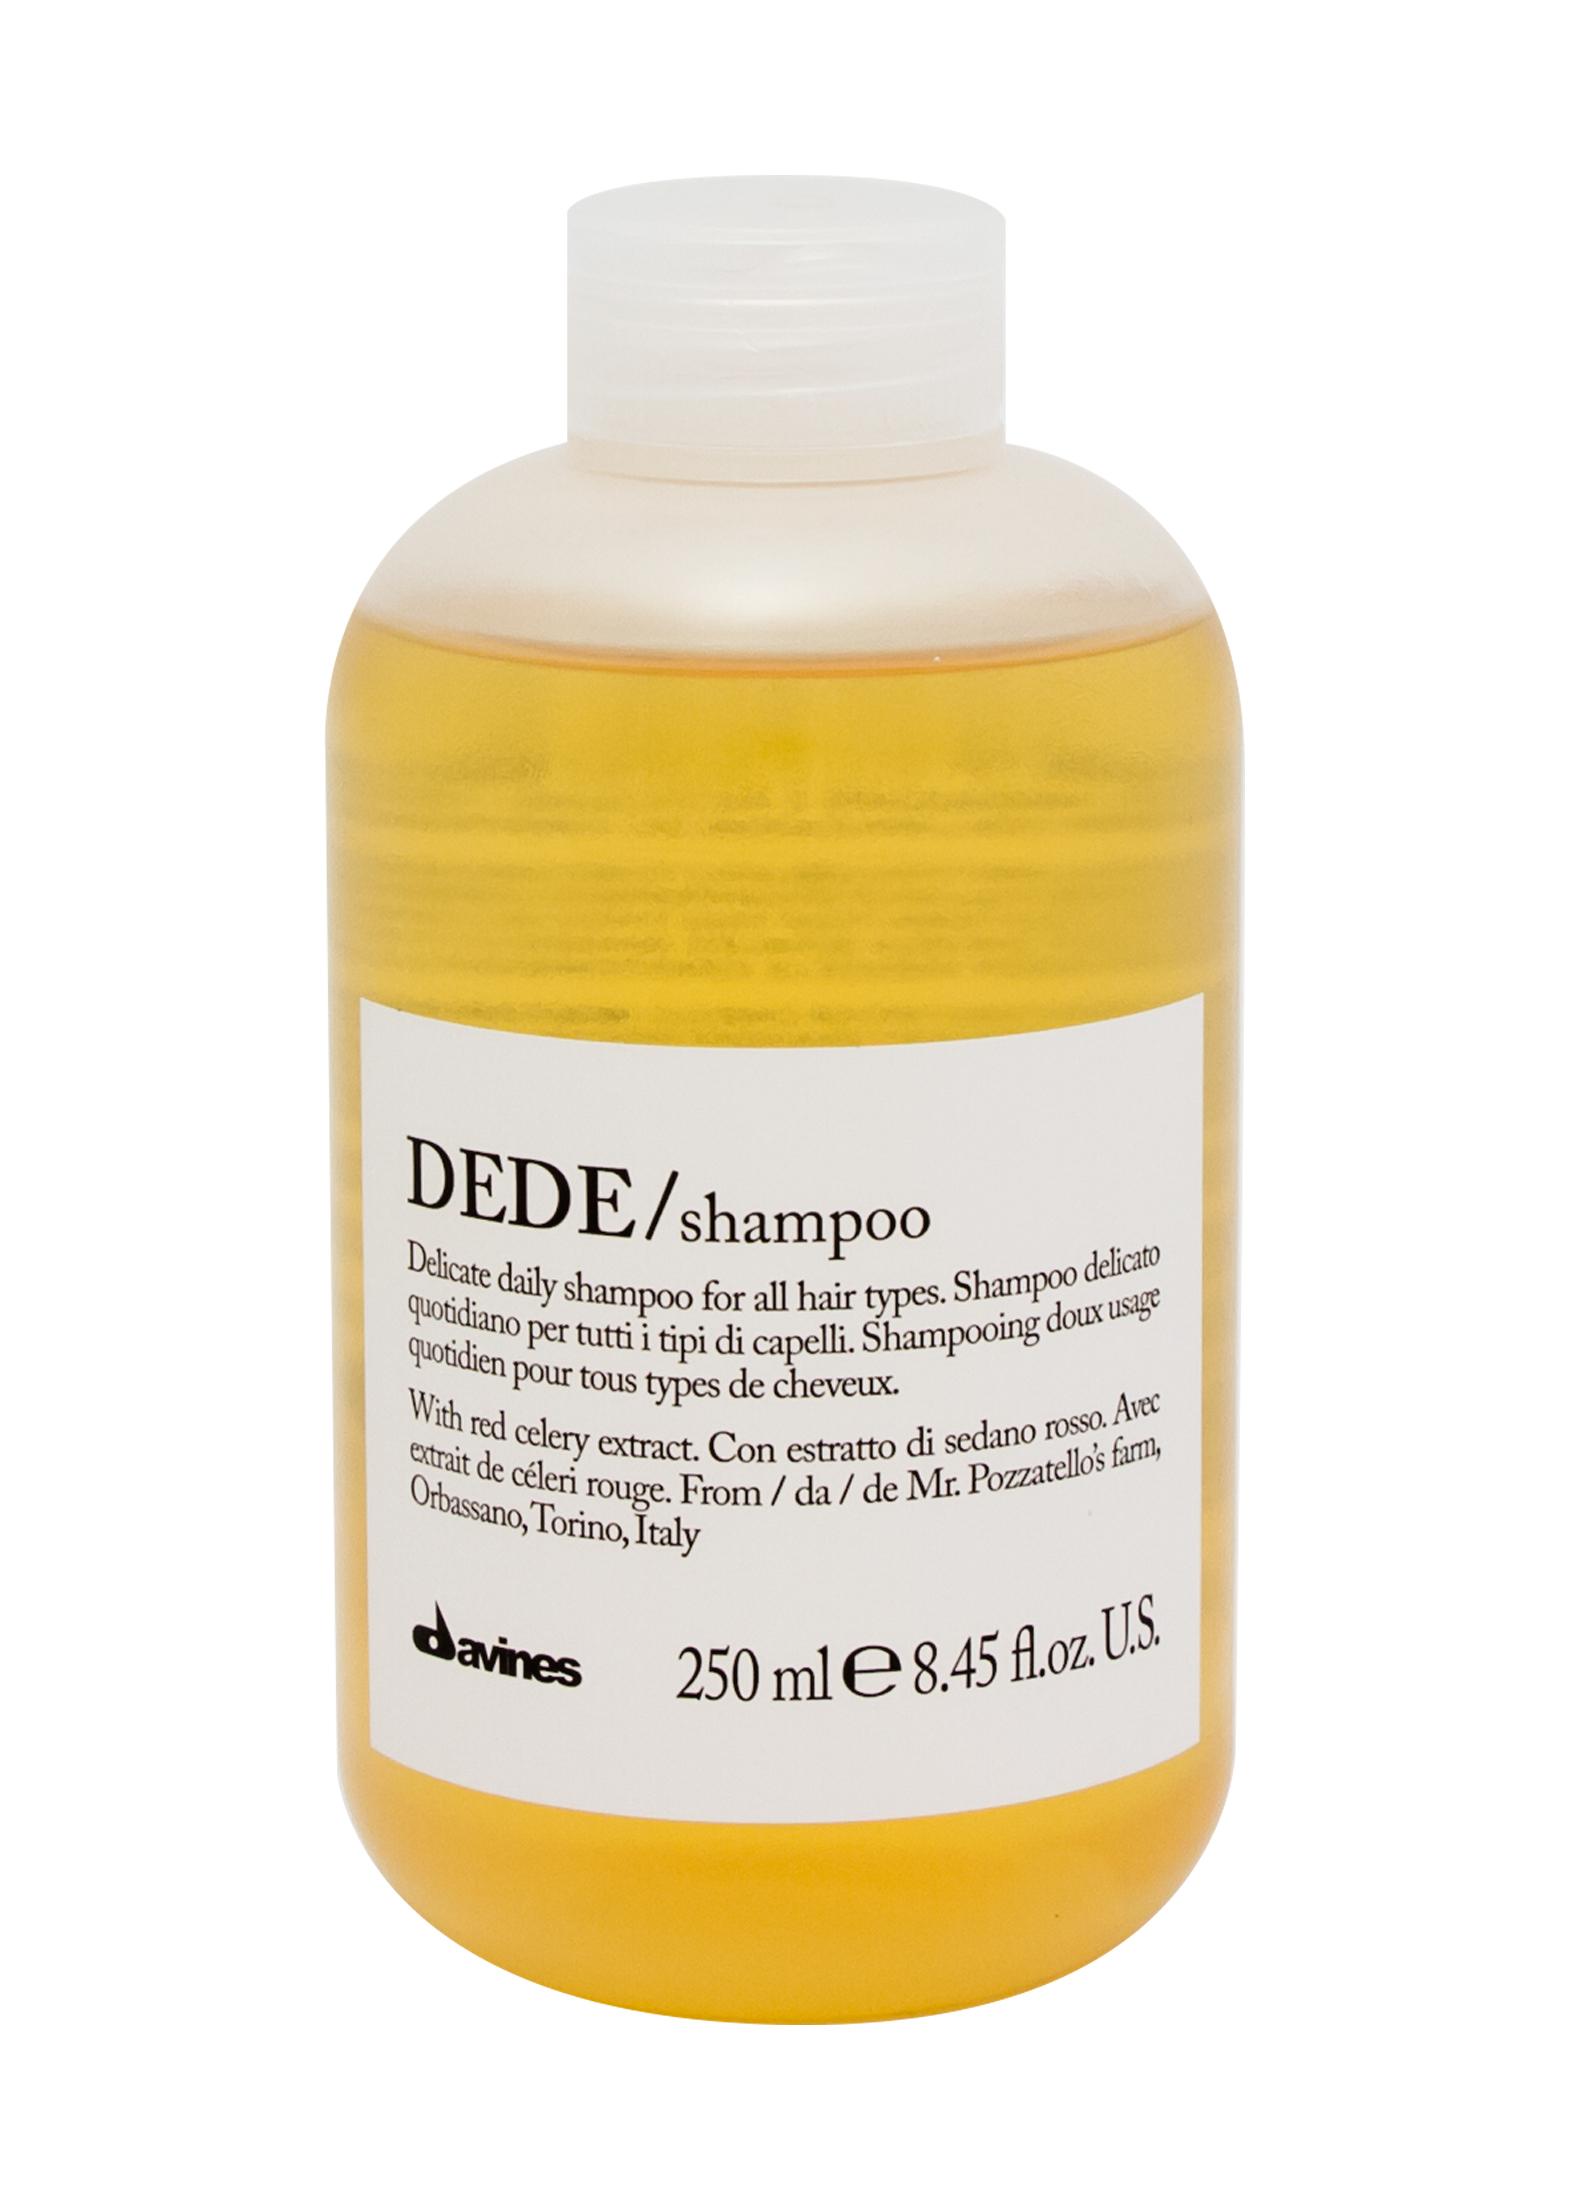 DEHC DEDE Shampoo 250ml image number 0